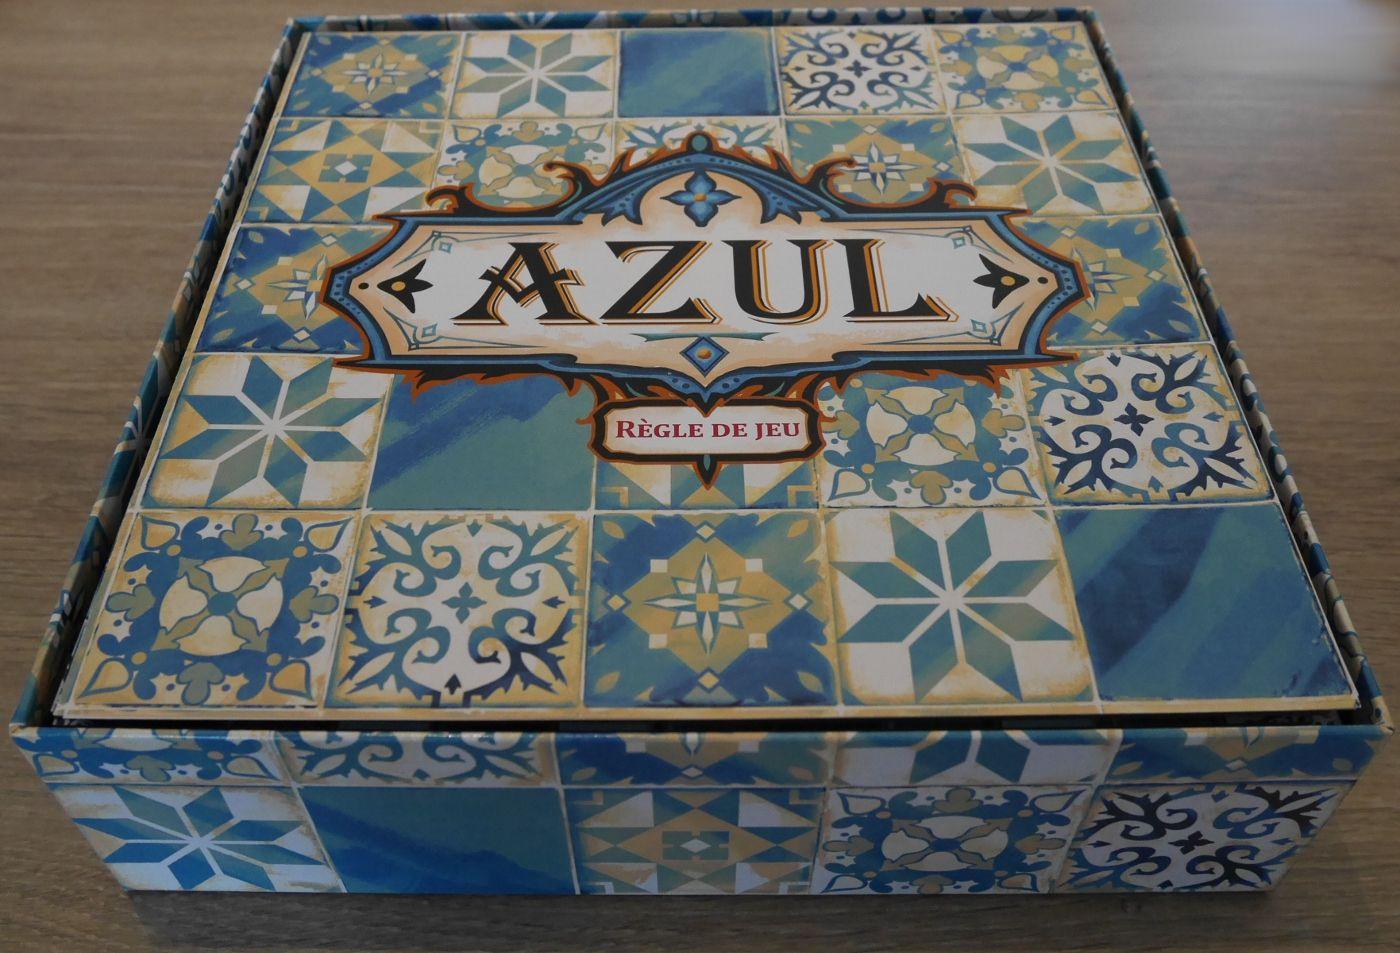 Dans Azul tout est carrelé, la boîte, la règle...